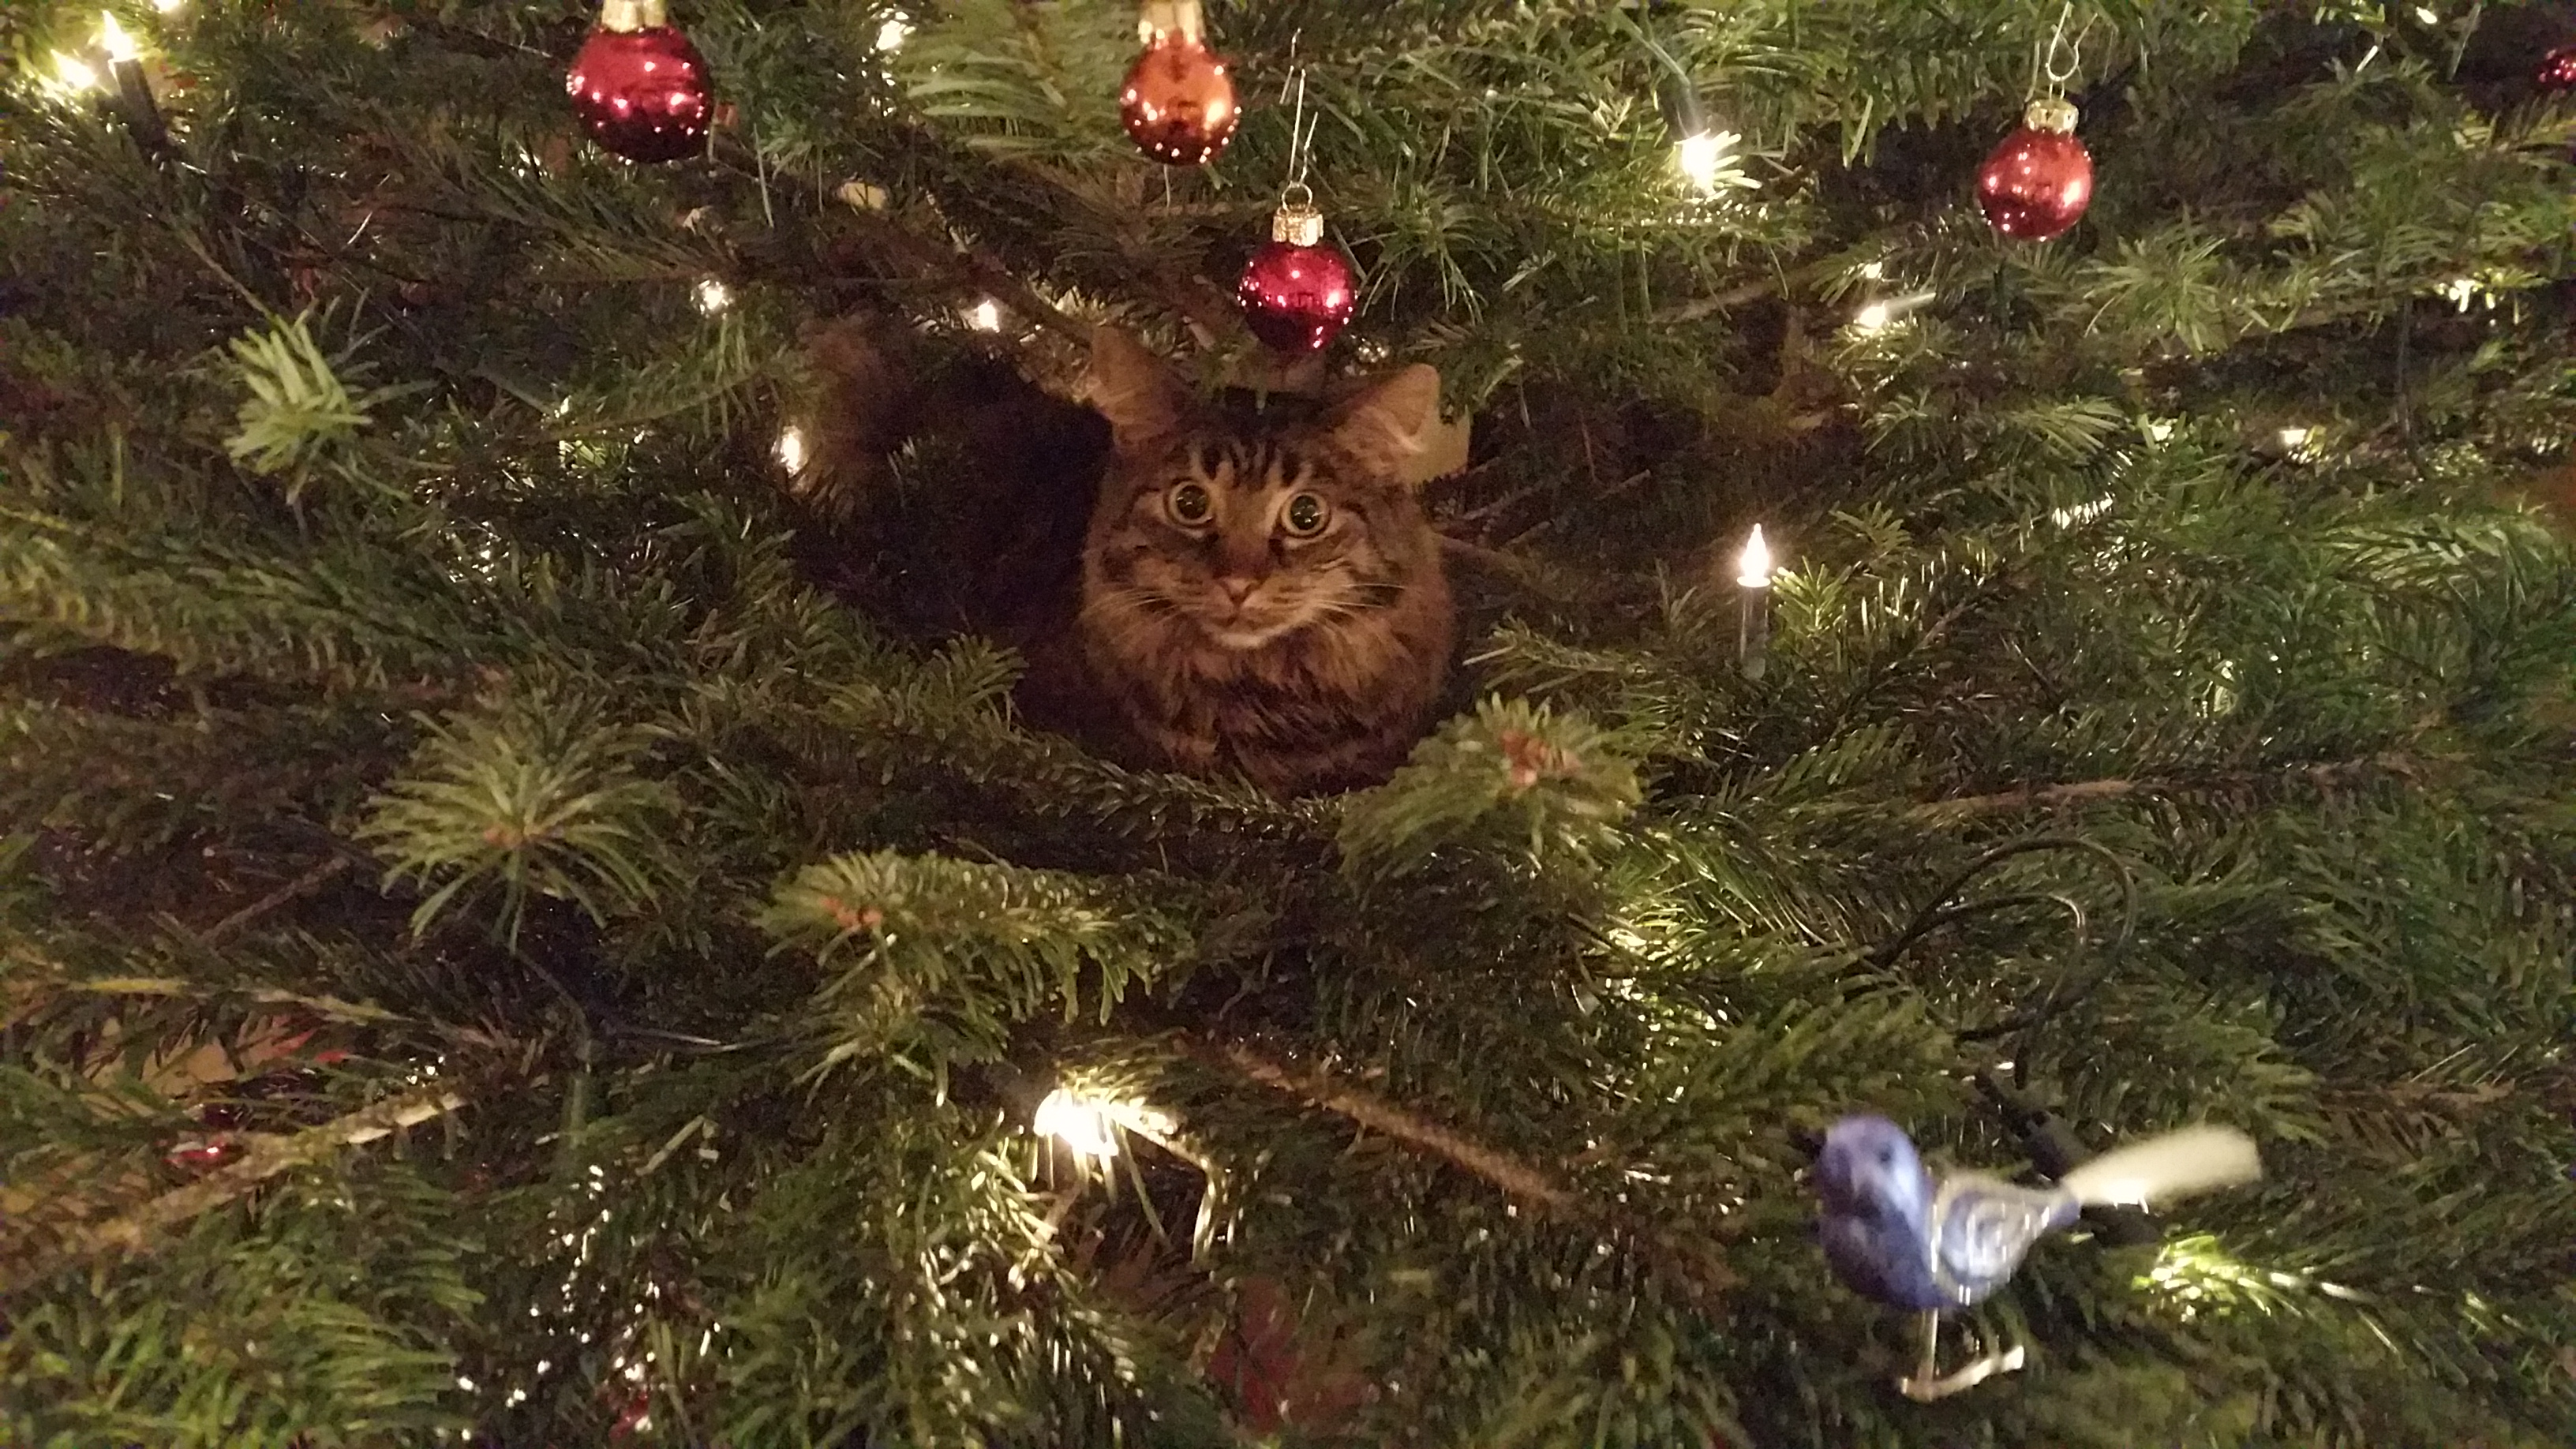 Katzen als Baumschmuck